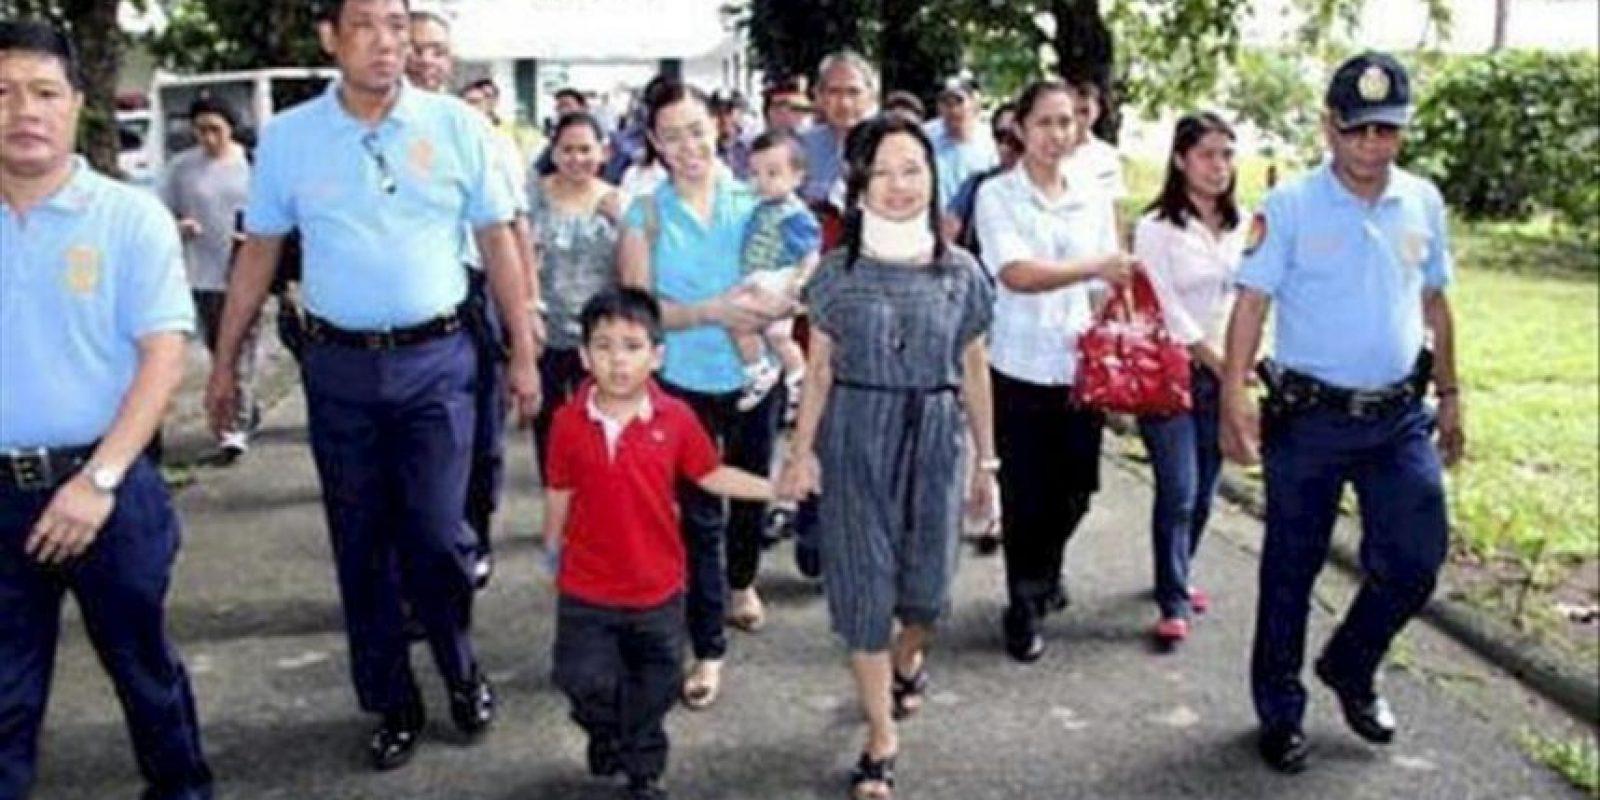 Foto cedida por la oficina de la congresista Gloria Macapagal-Arroyo, en la que aparece la expresidenta filipina Gloria Macapagal Arroyo (c), de la mano de su nieto Diggy a su salida del Hospital de Veteranos, tras ser puesta en libertad, hoy miércoles 25 de julio. EFE